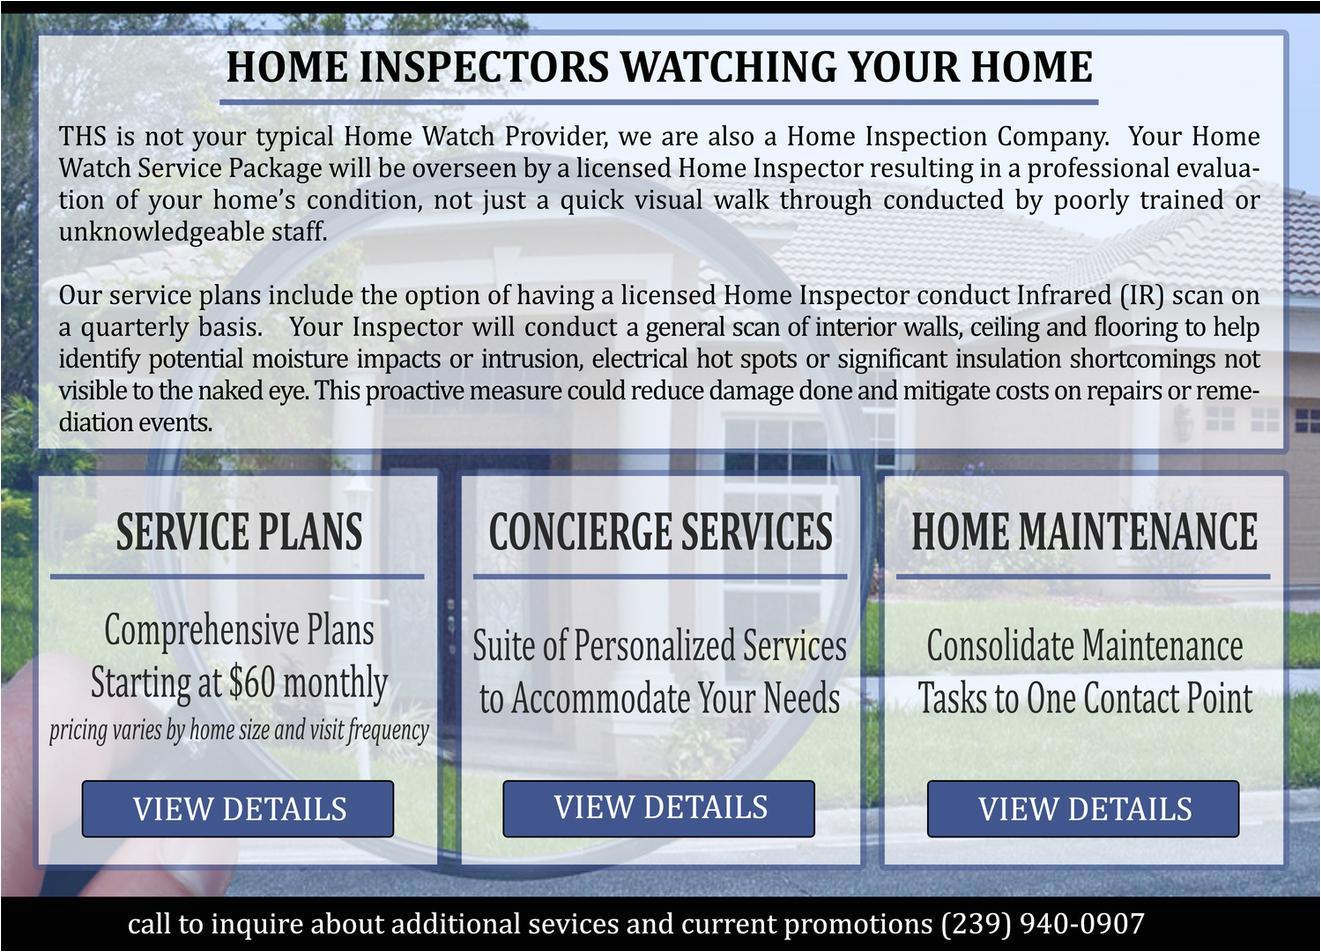 home maintenance service plans